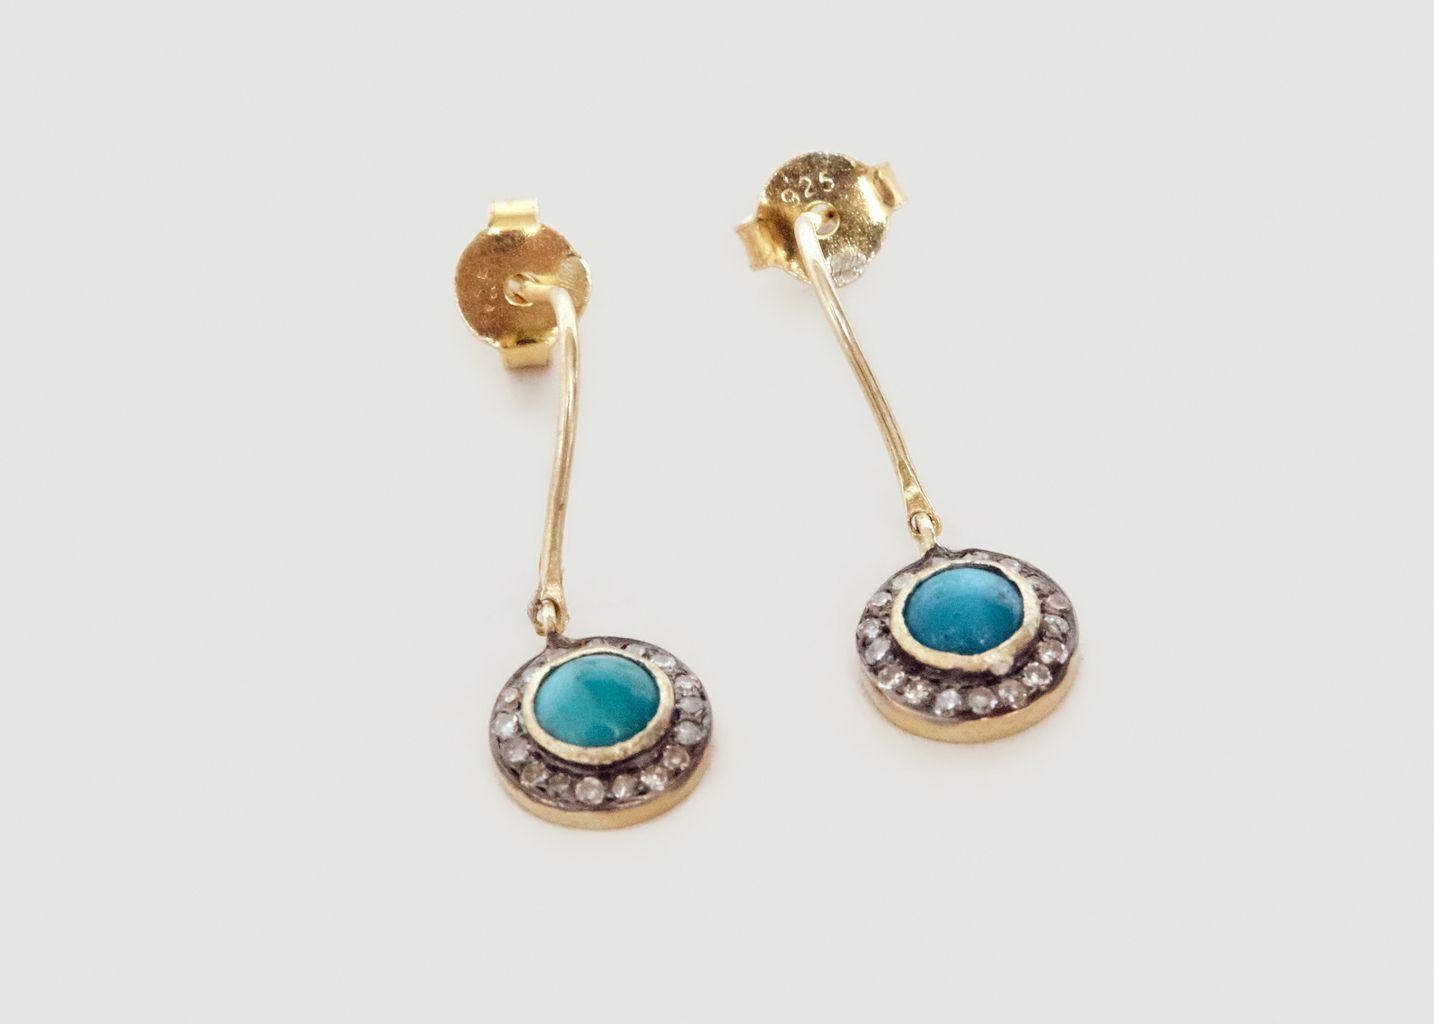 Boucles d'Oreilles Buma Turquoise - 5 Octobre